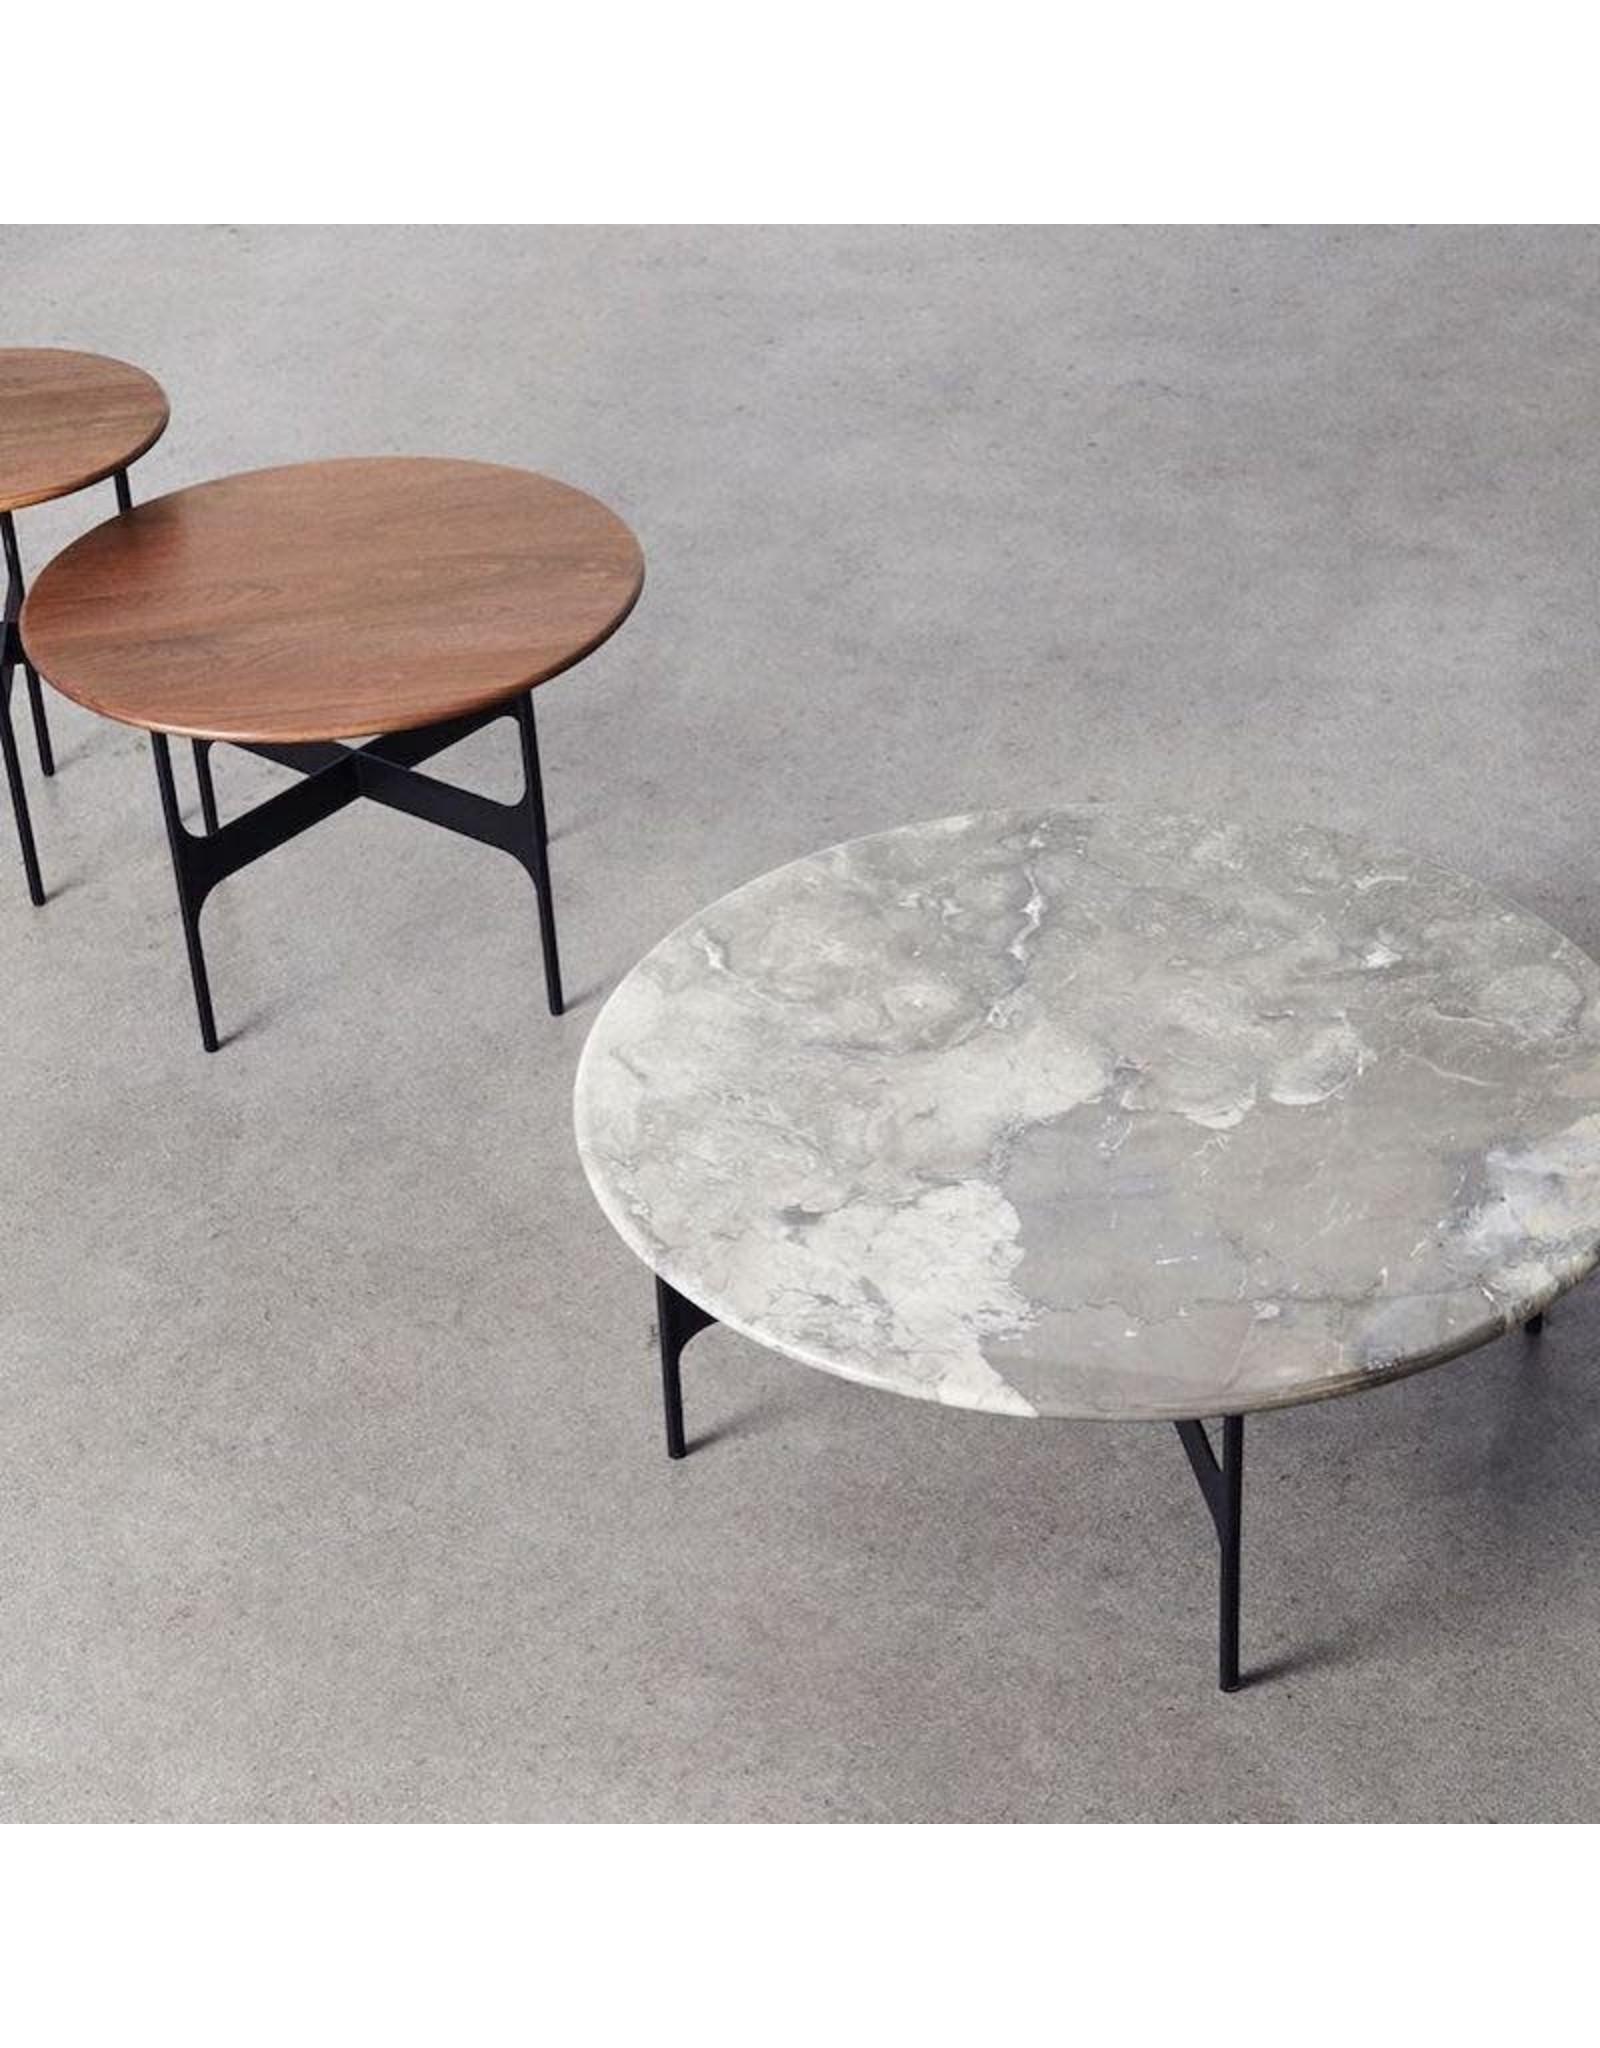 FLOEMA 大型咖啡桌